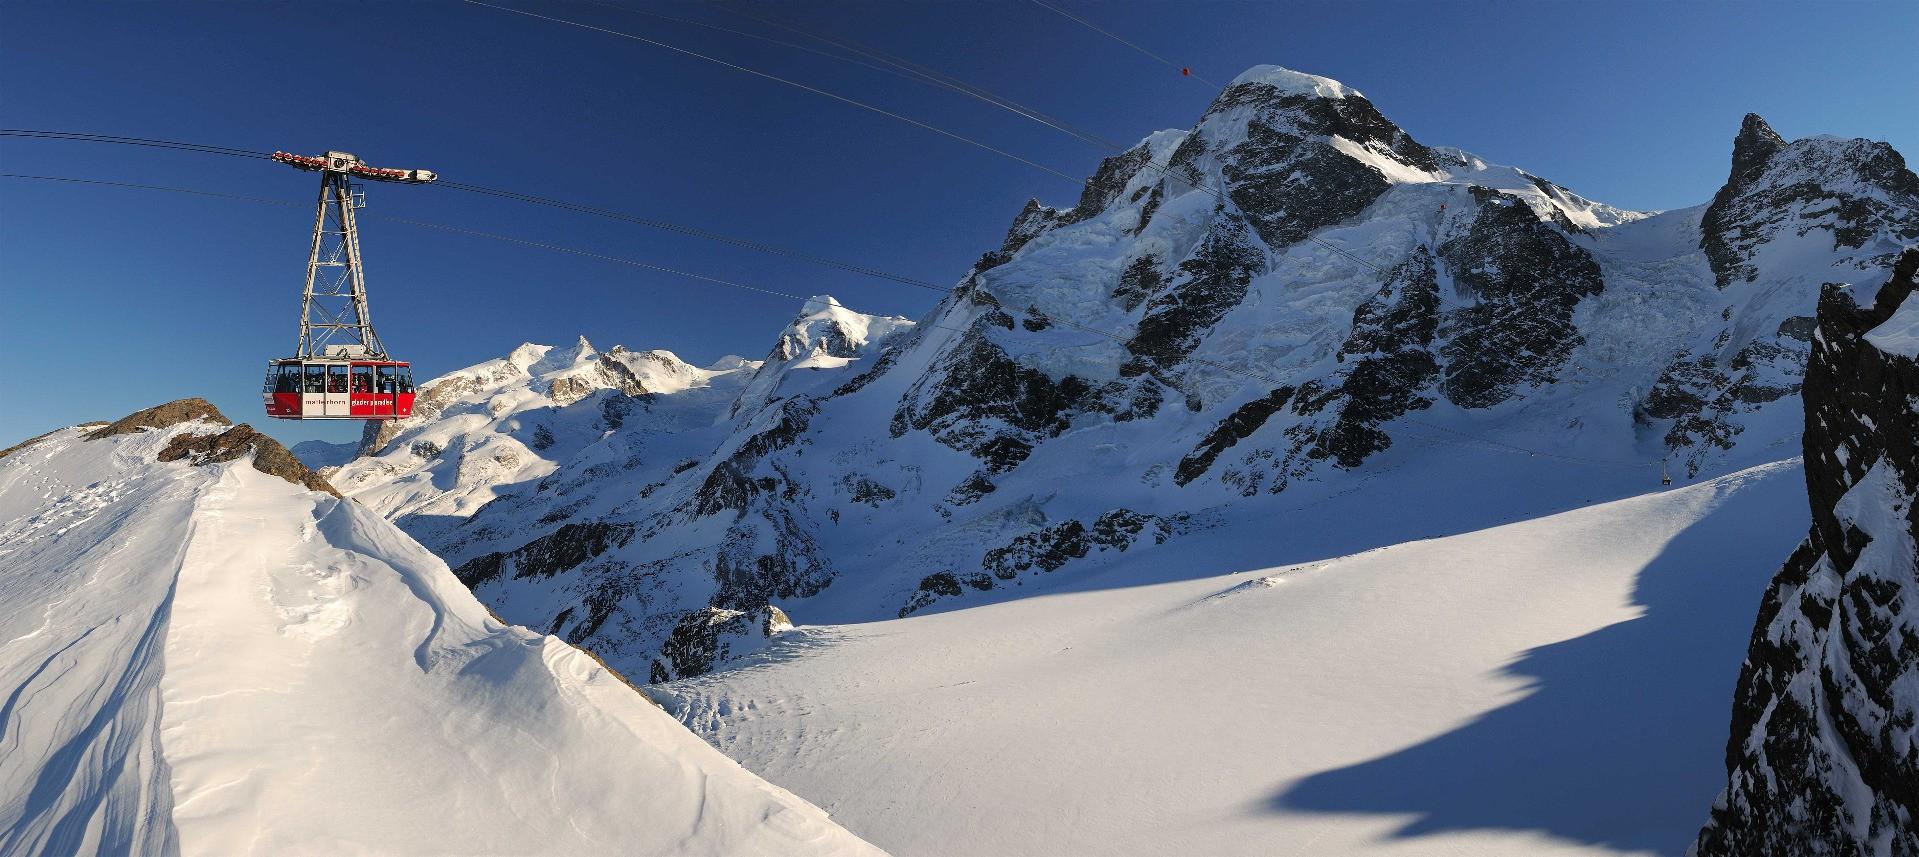 Zermatt in spring